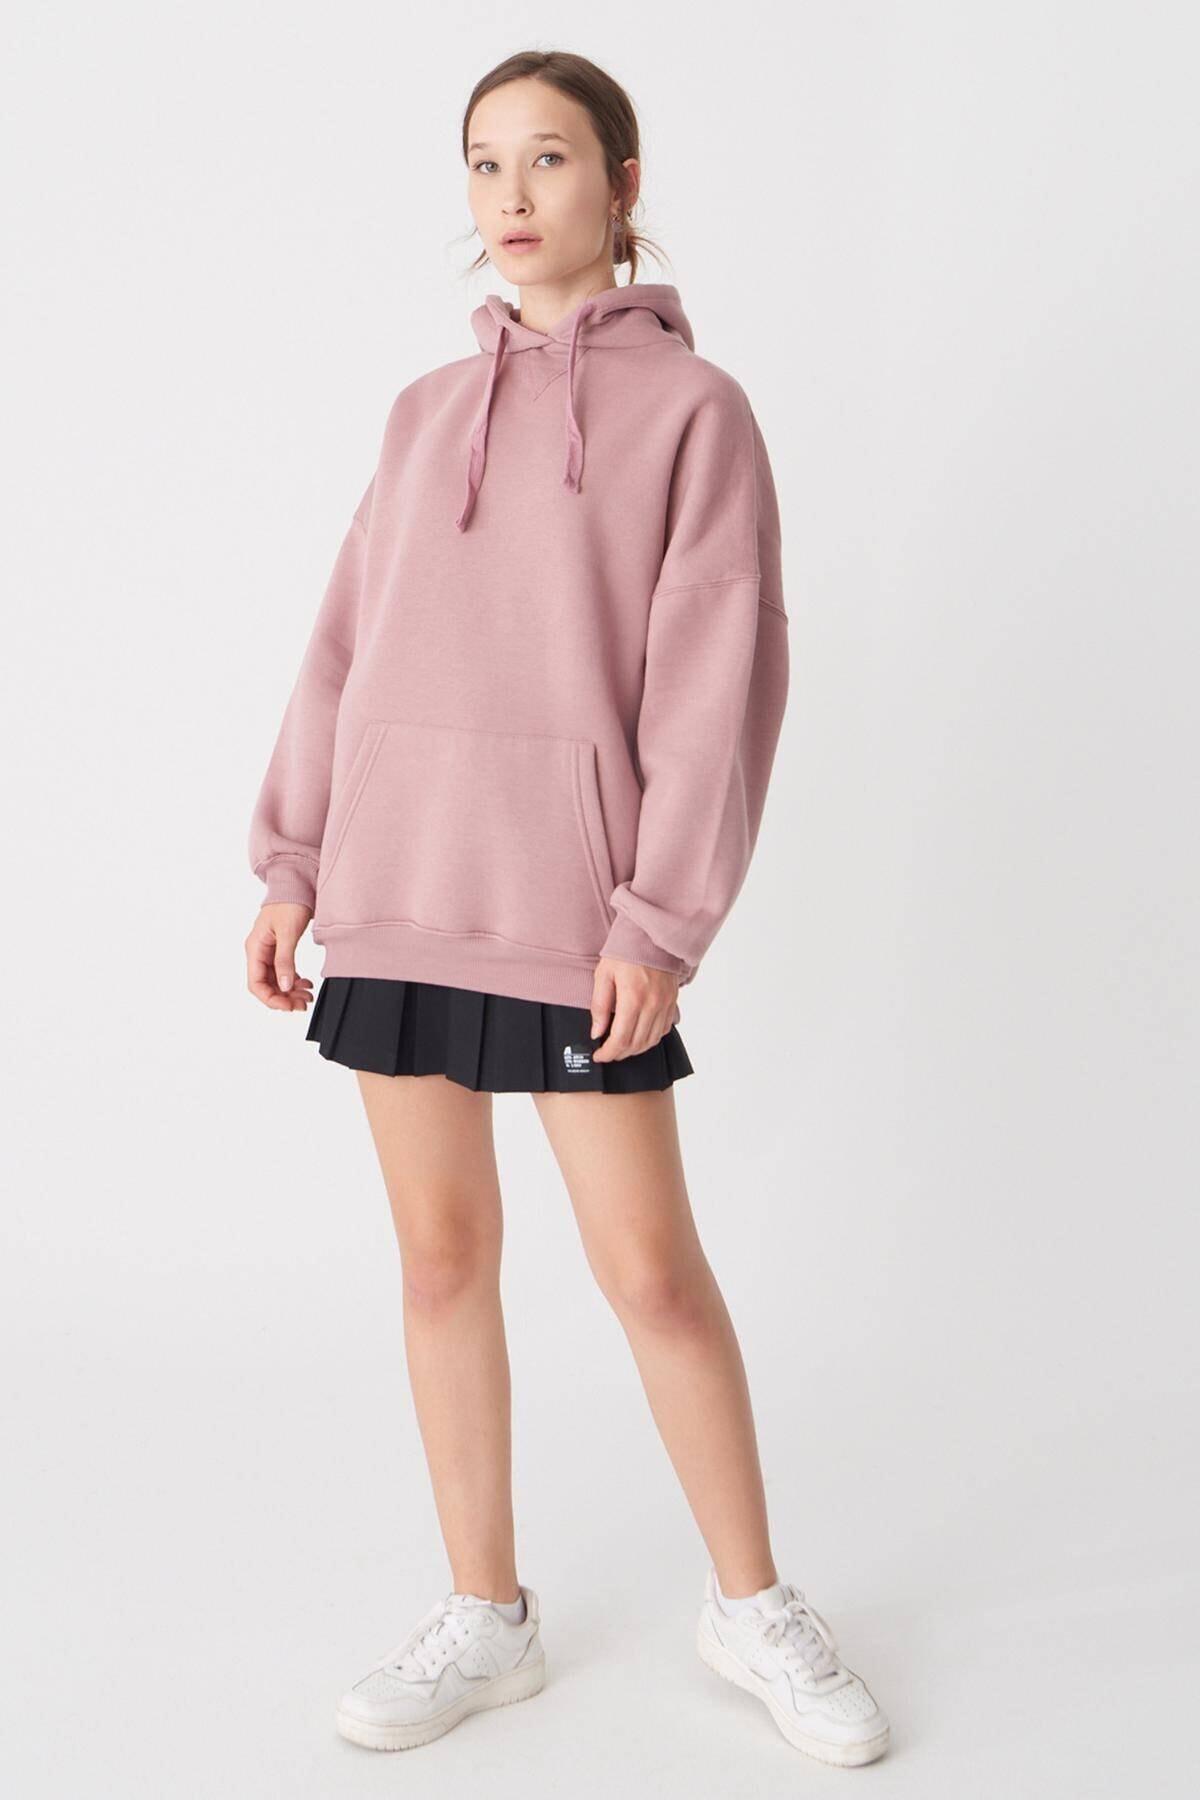 Addax Kadın Koyu Gül Kapüşonlu Sweatshirt S0519 - H7 ADX-0000014040 0